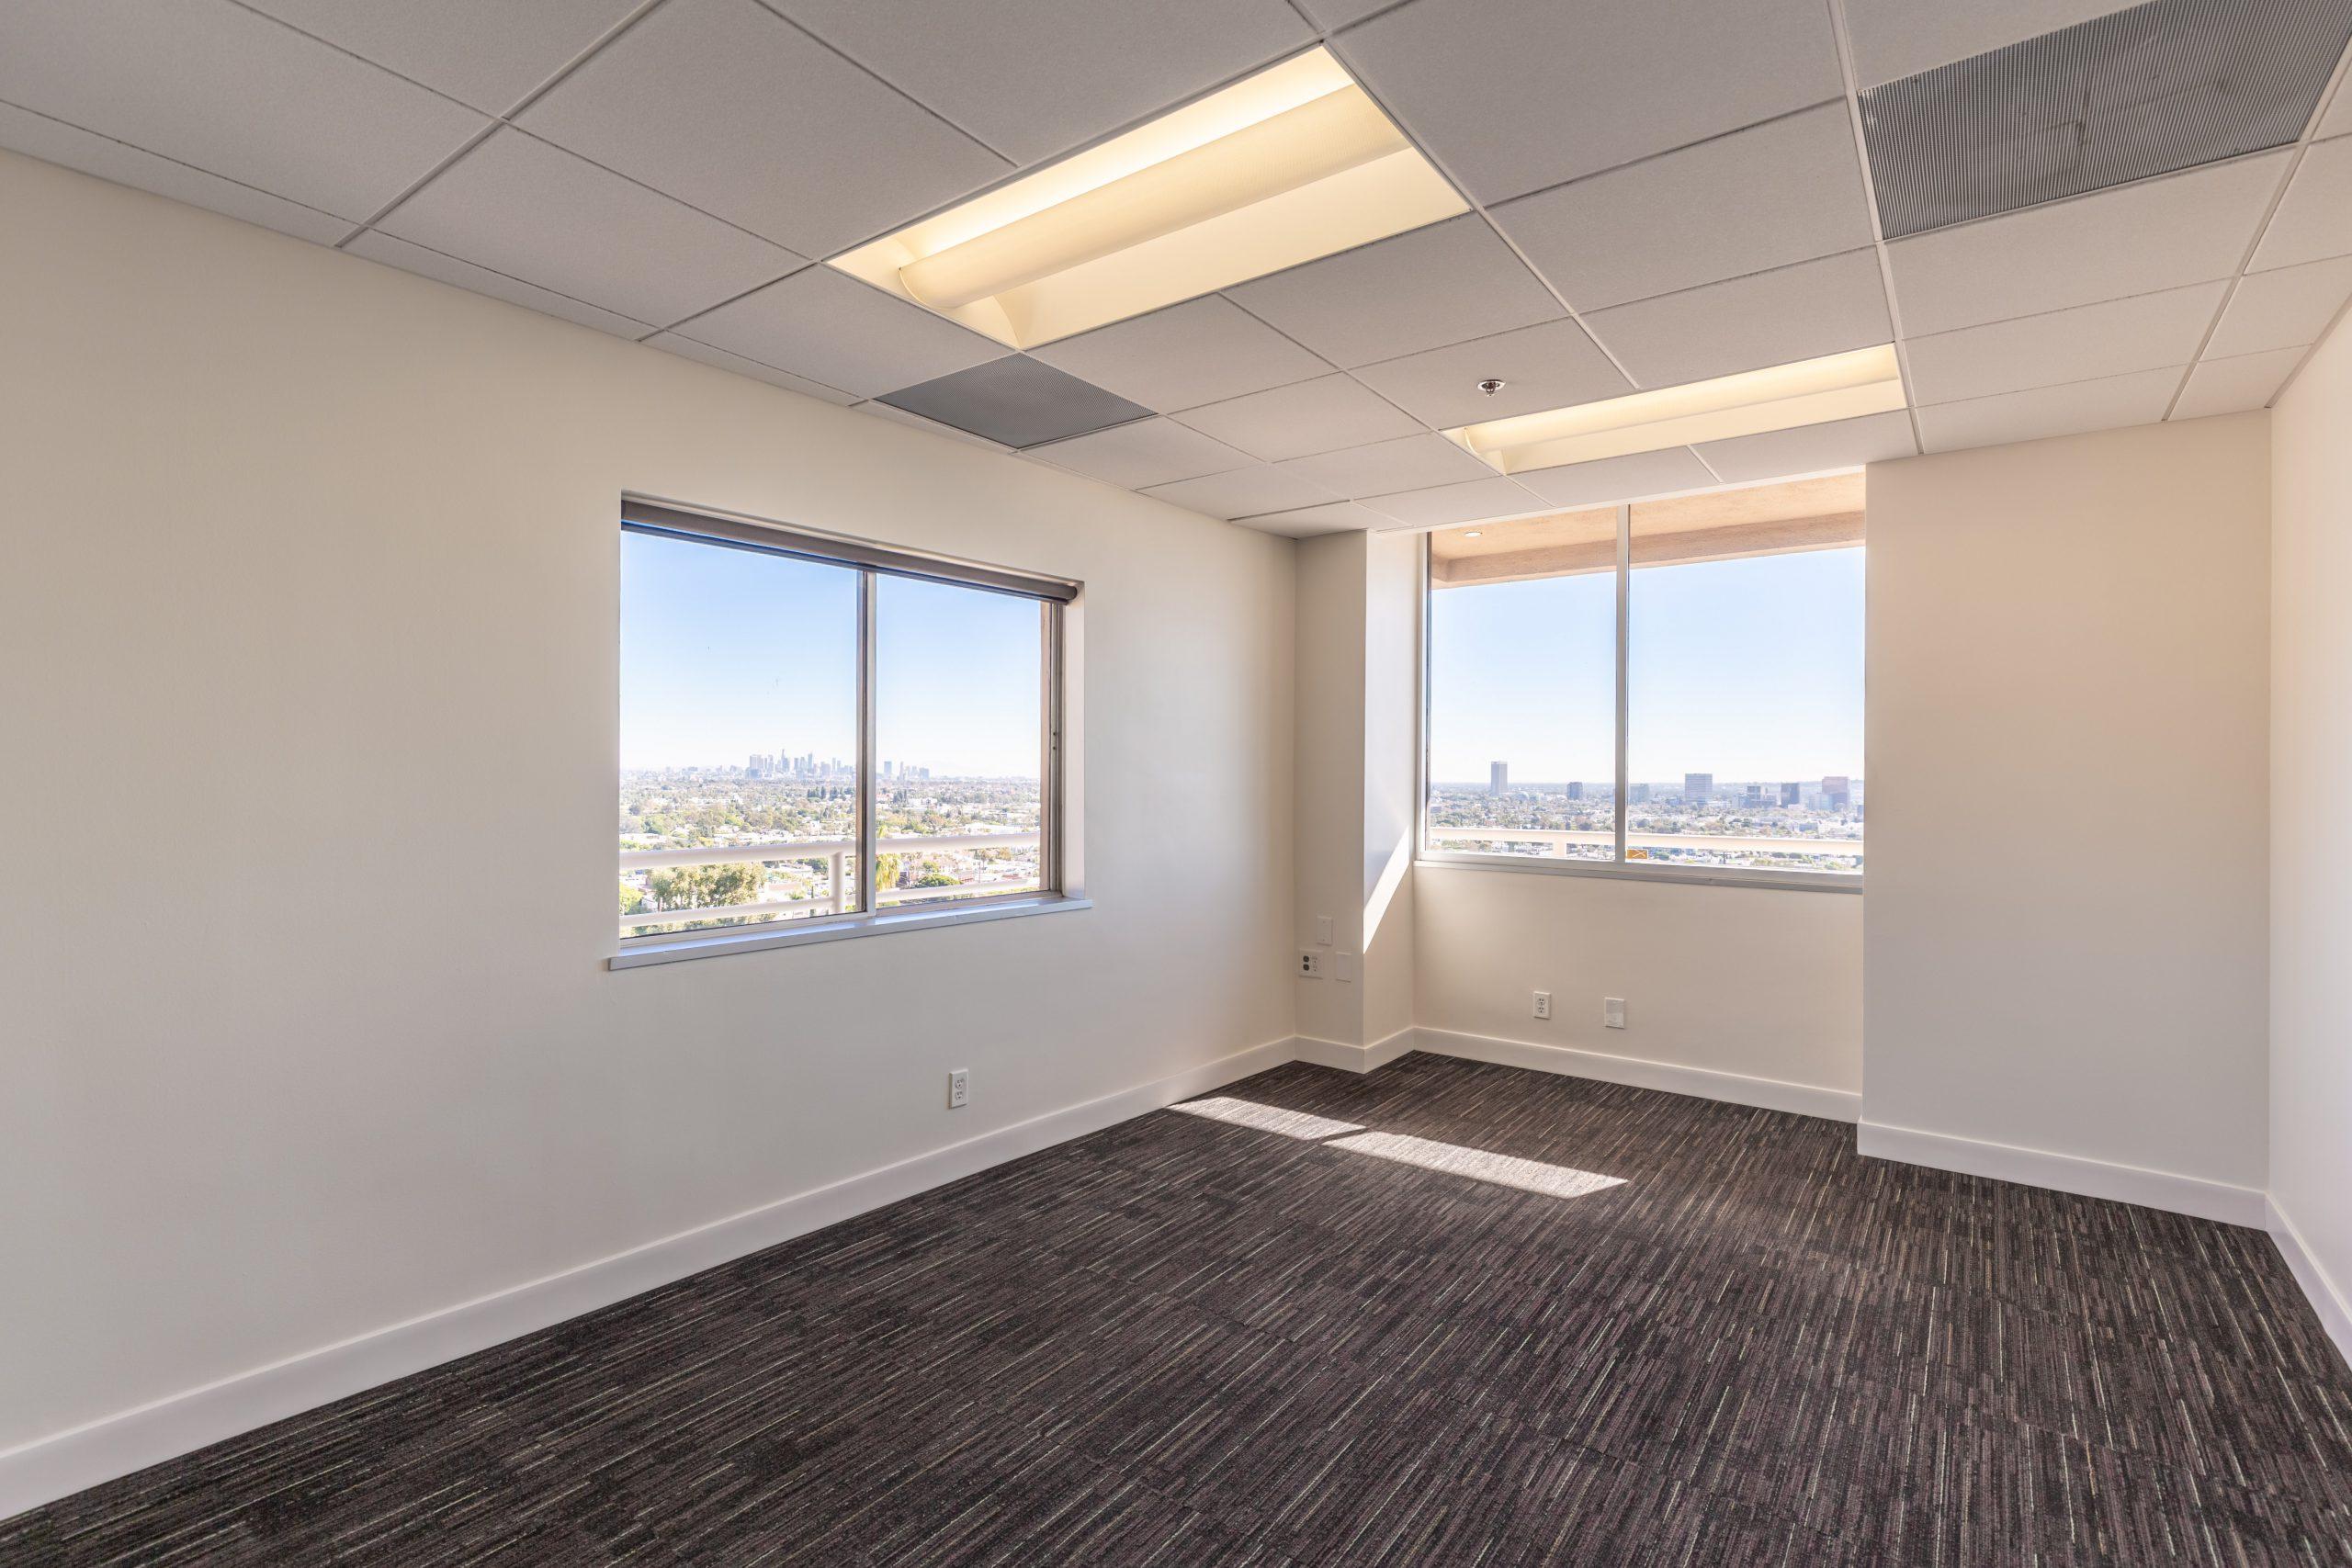 Suite 600 West